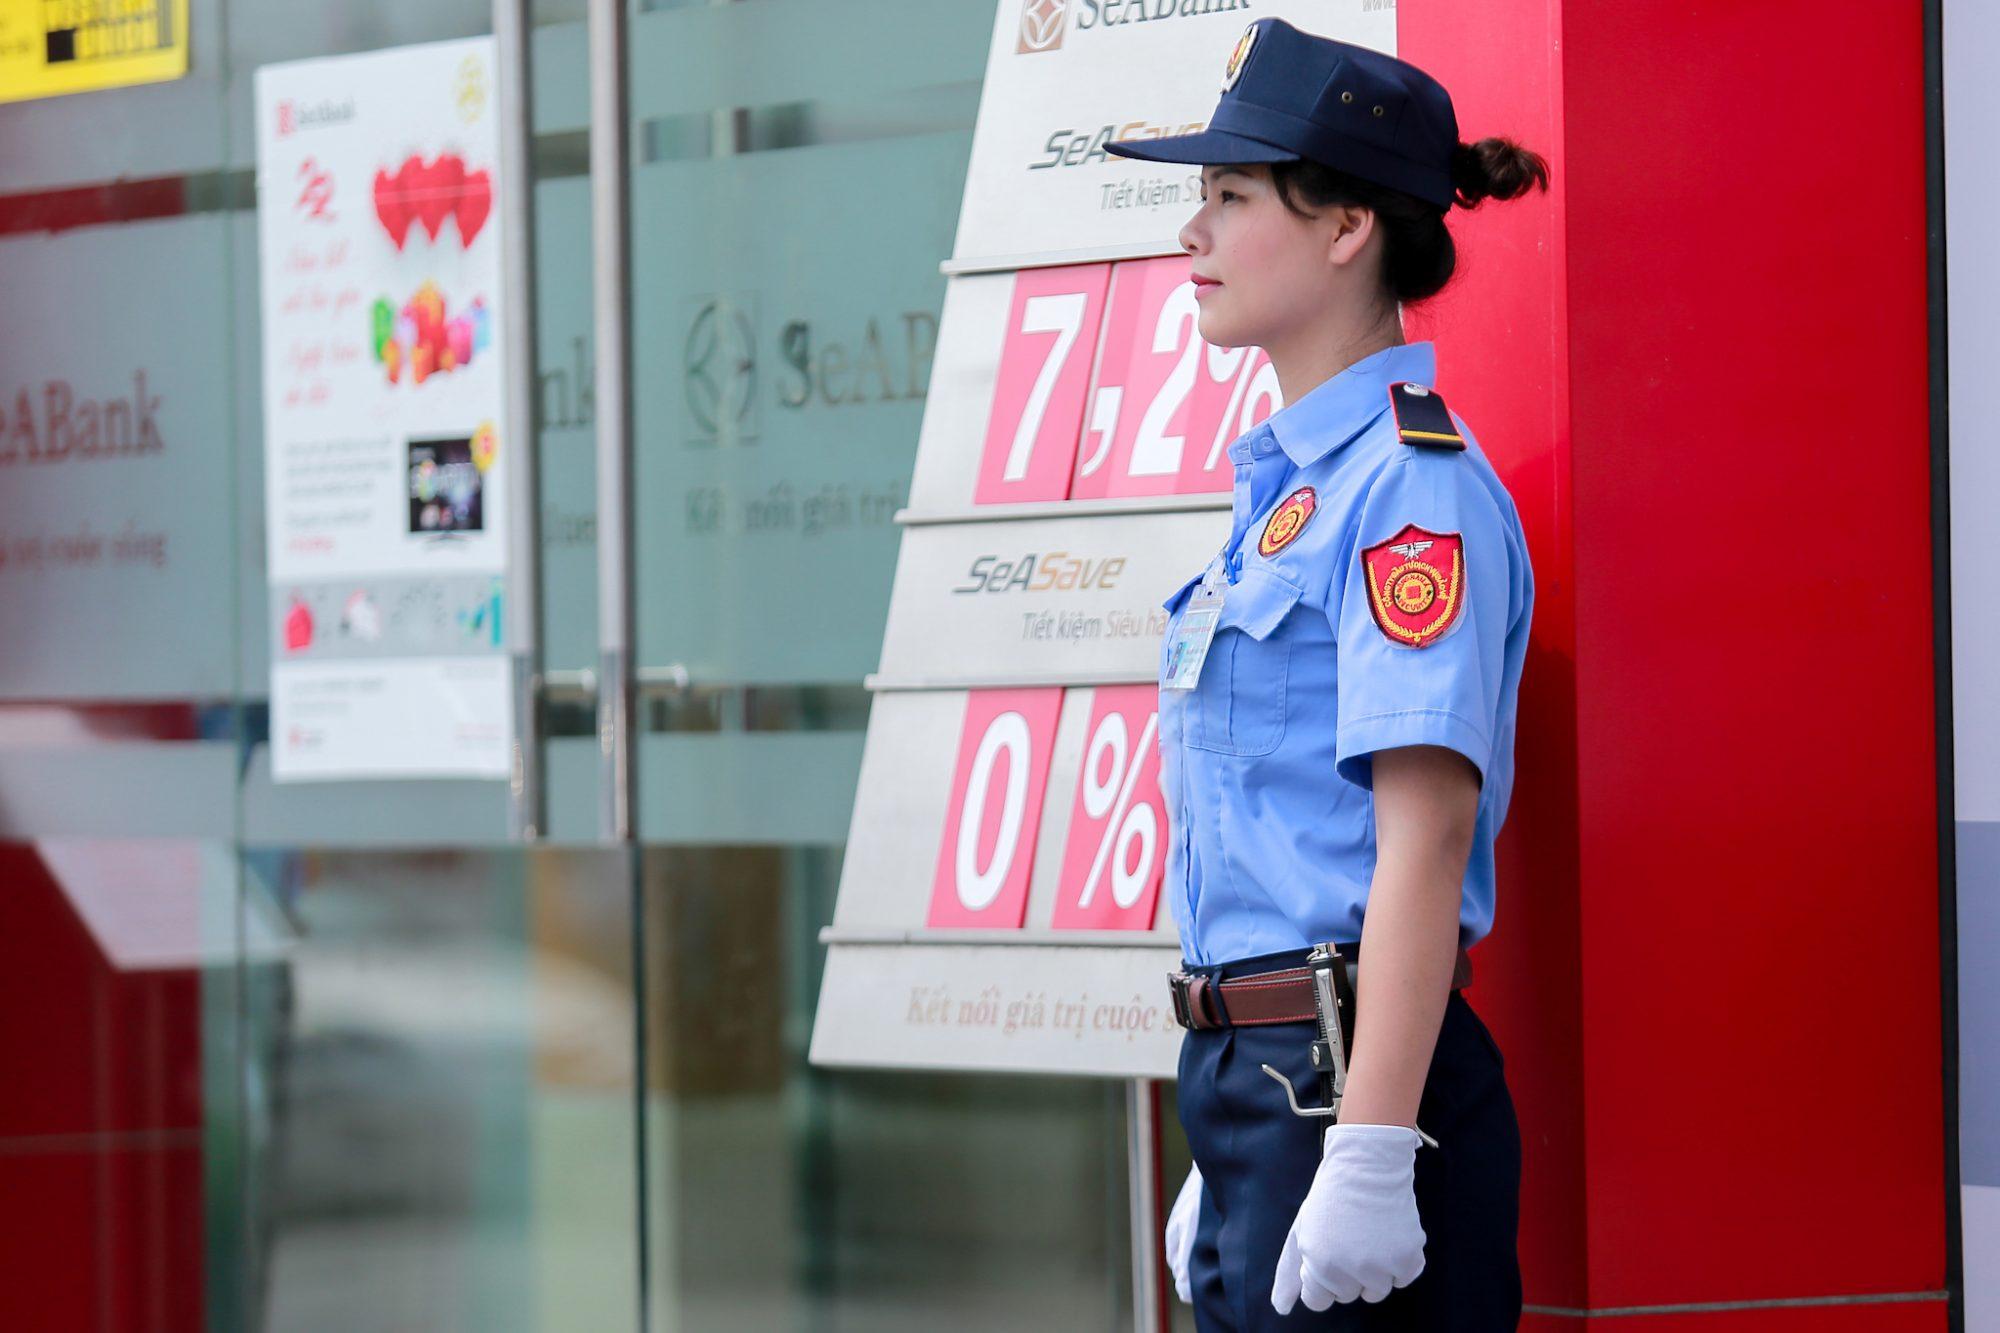 may đồng phục bảo vệ, nhân viên an ninh rẻ, đẹp, chất lượng, giao hàng toàn quốc - 12